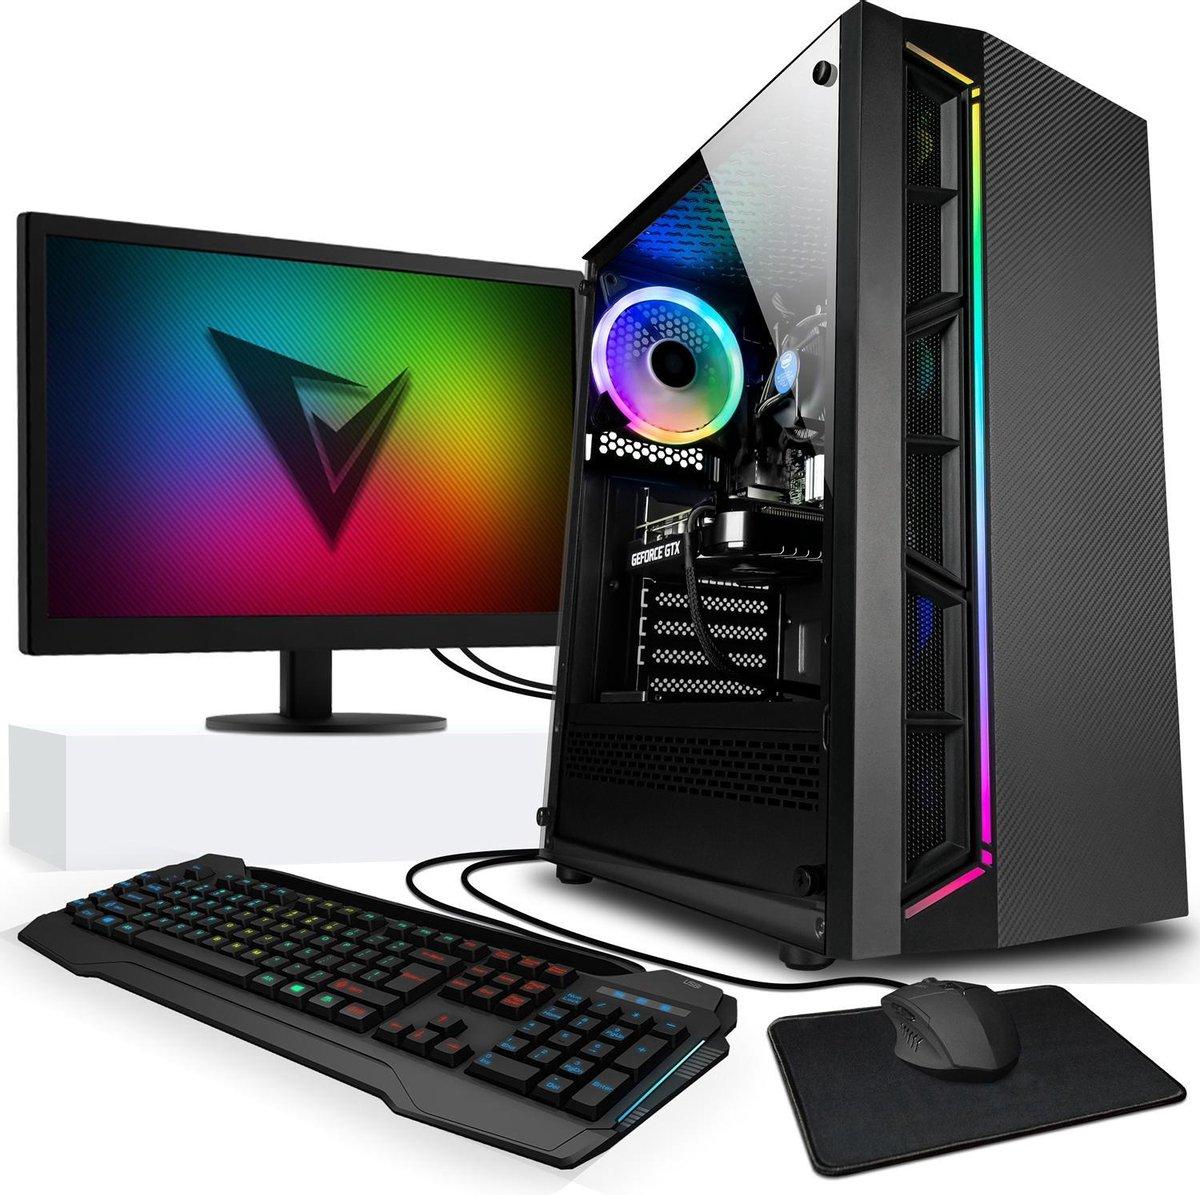 Vibox Gaming Desktop 4-2 – Game PC